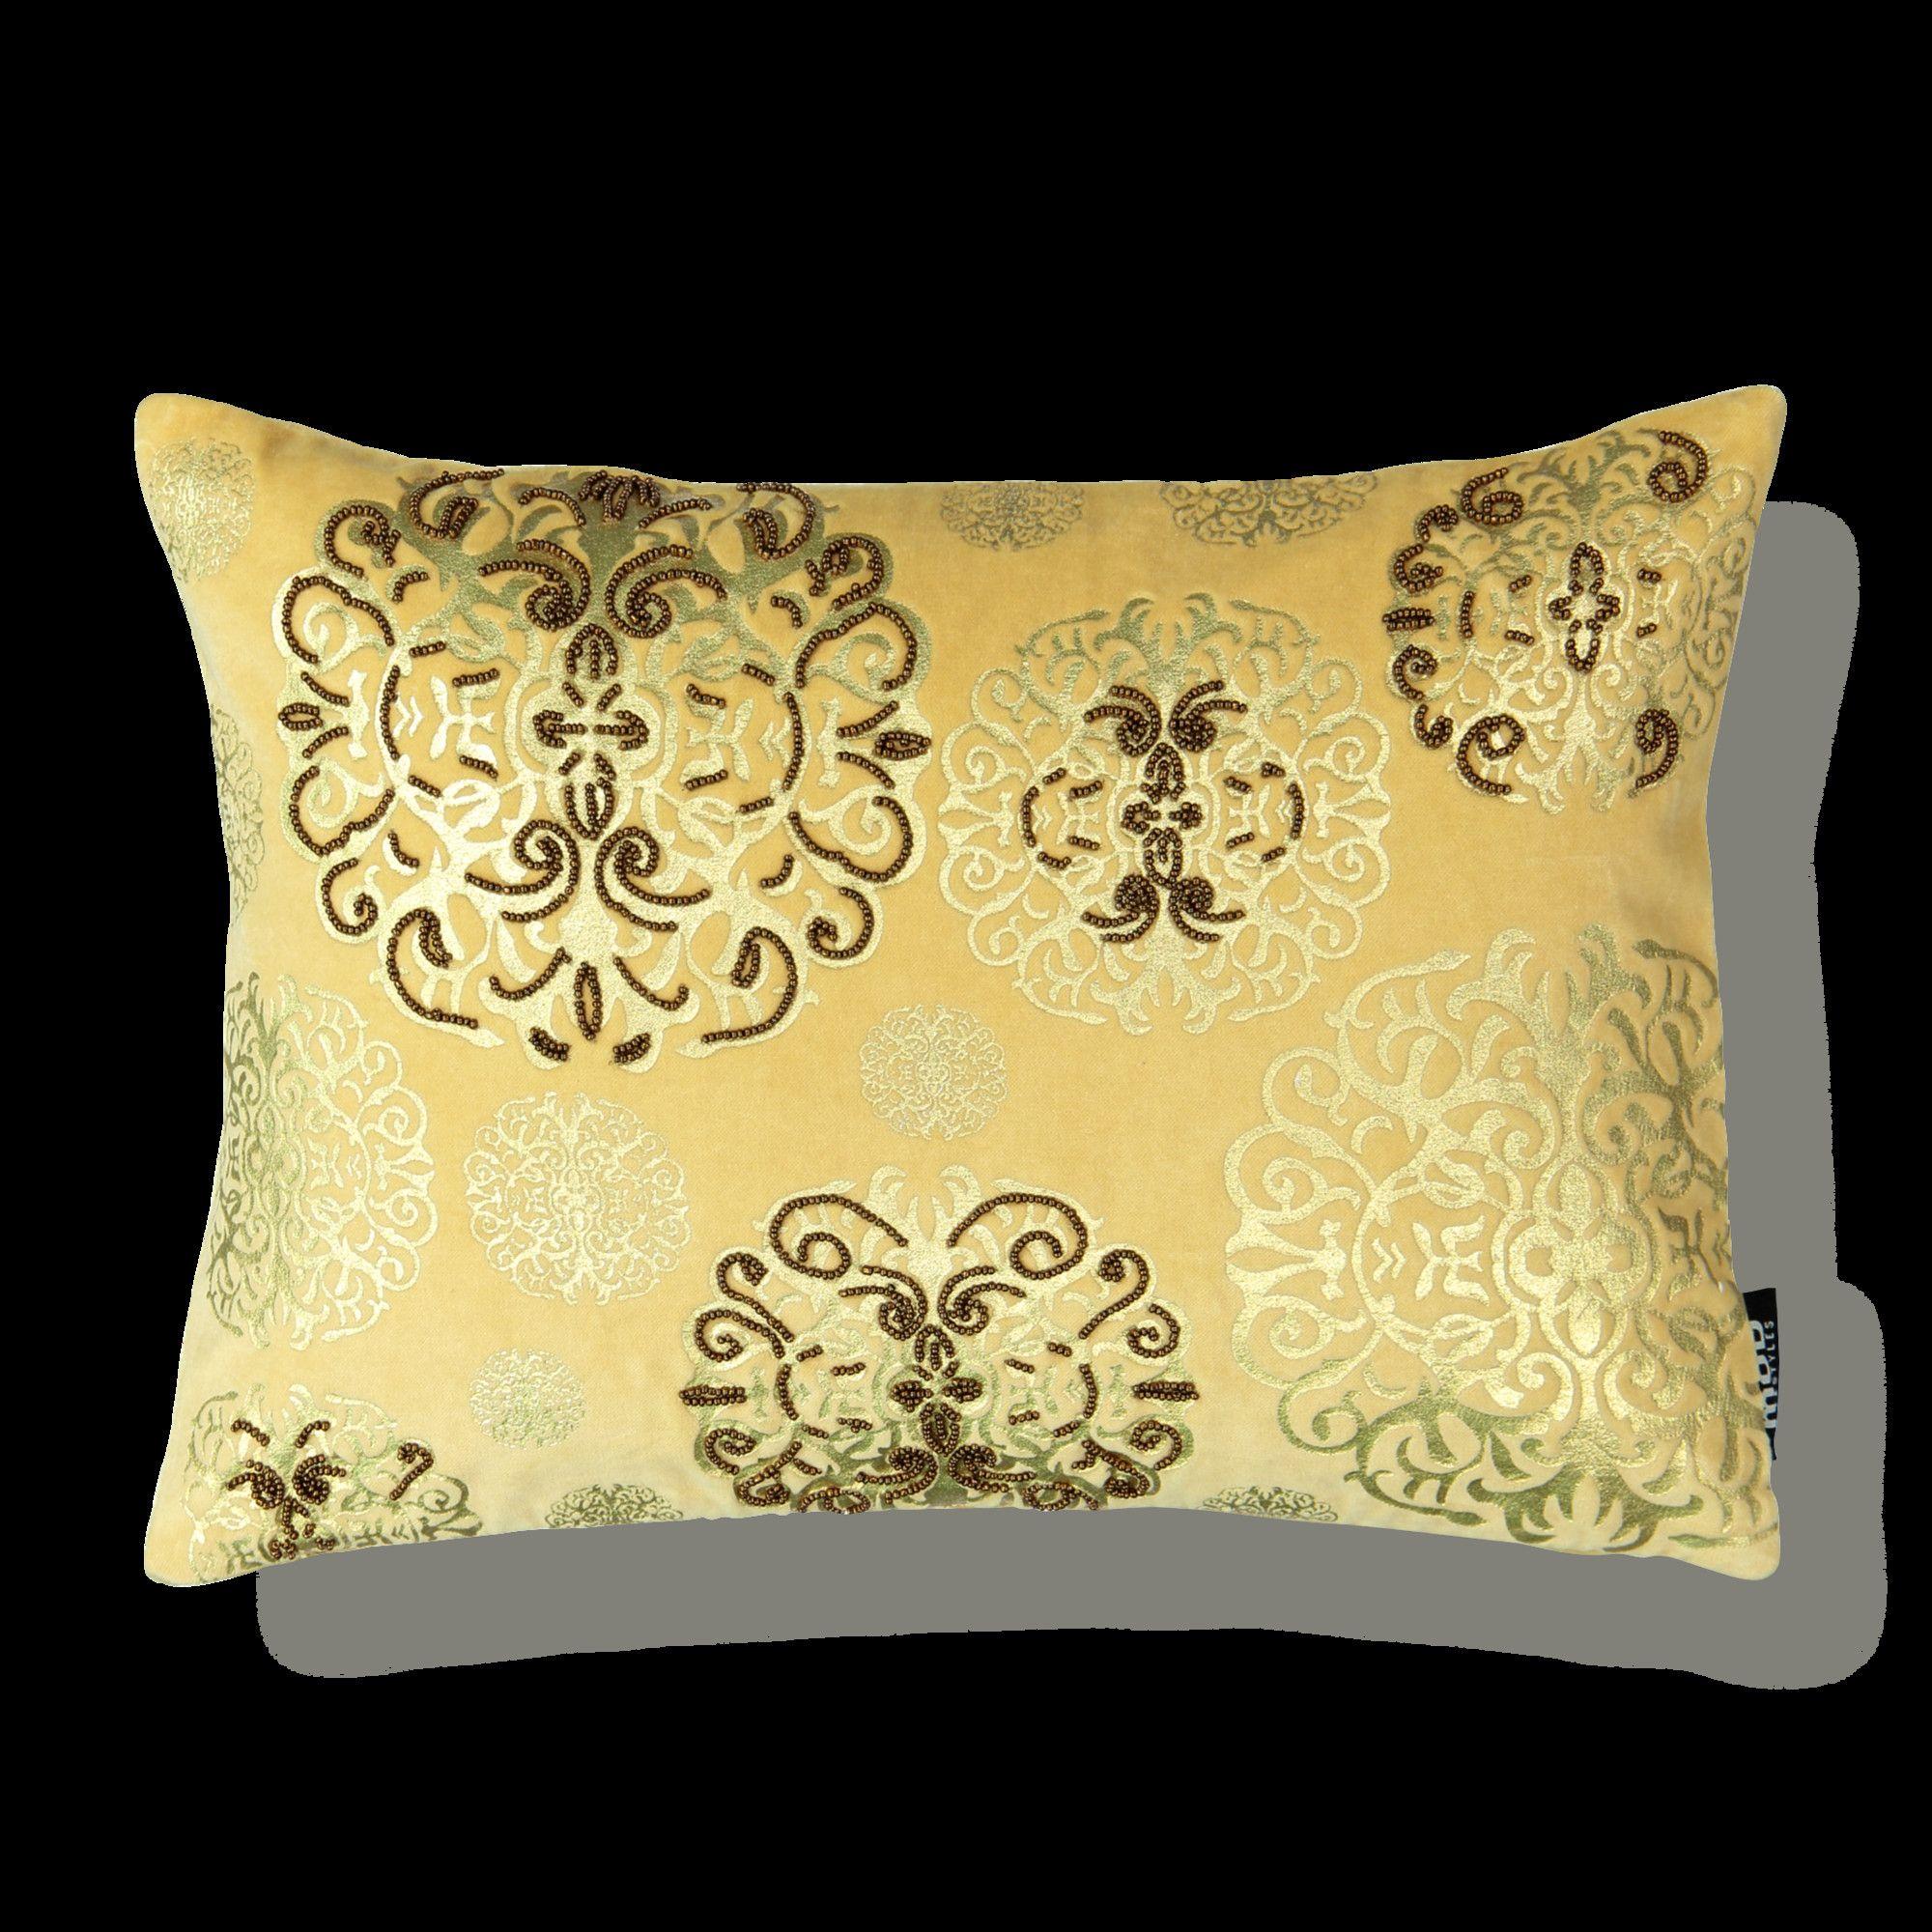 Medallion Cotton Lumbar Pillow